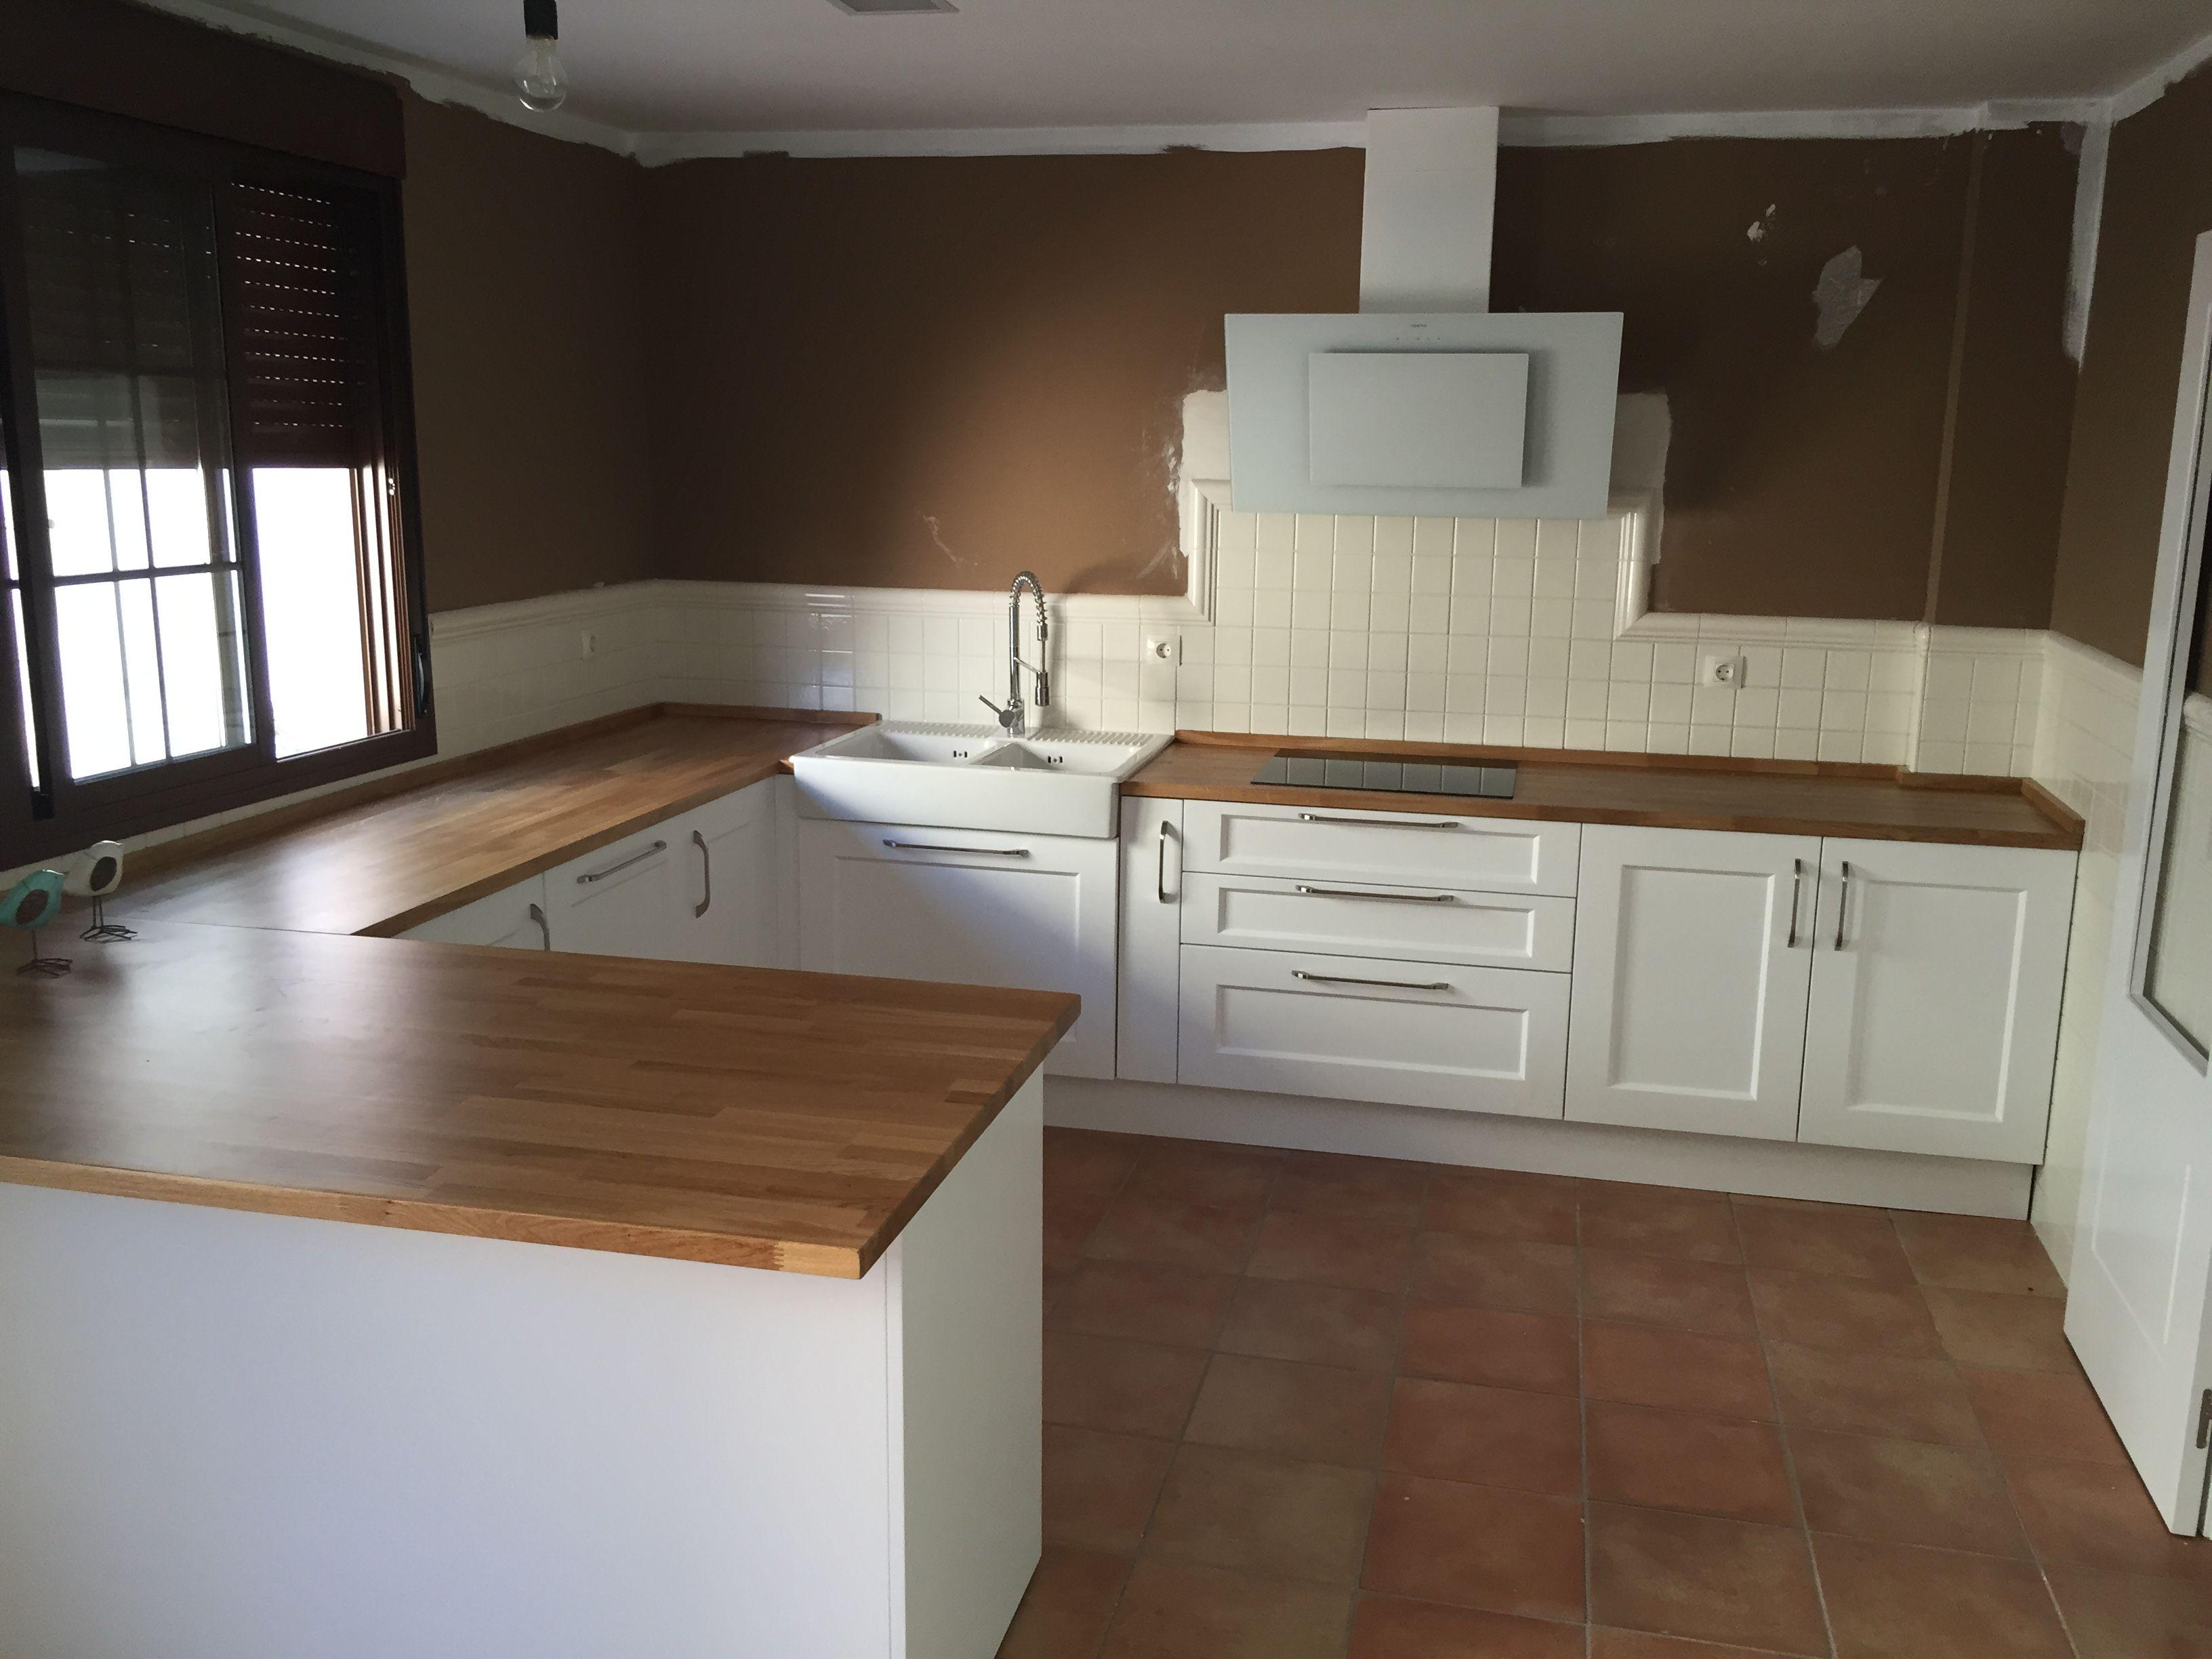 Cocina de dise o n rdico escandinavo puertas lacadas for Cocinas color madera y blanco